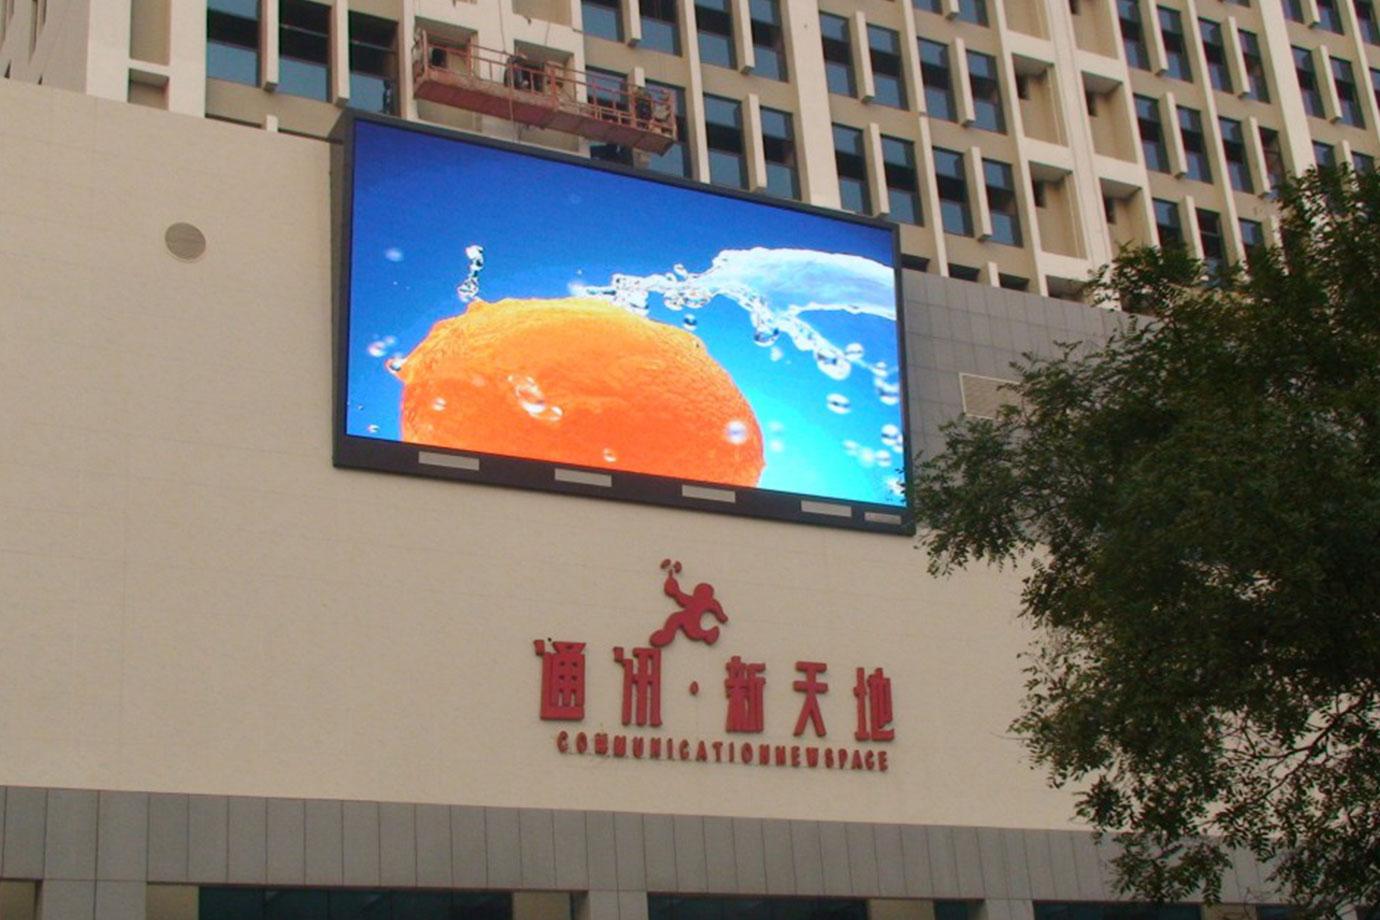 P8 Waterproof Advertising LED Display Panels